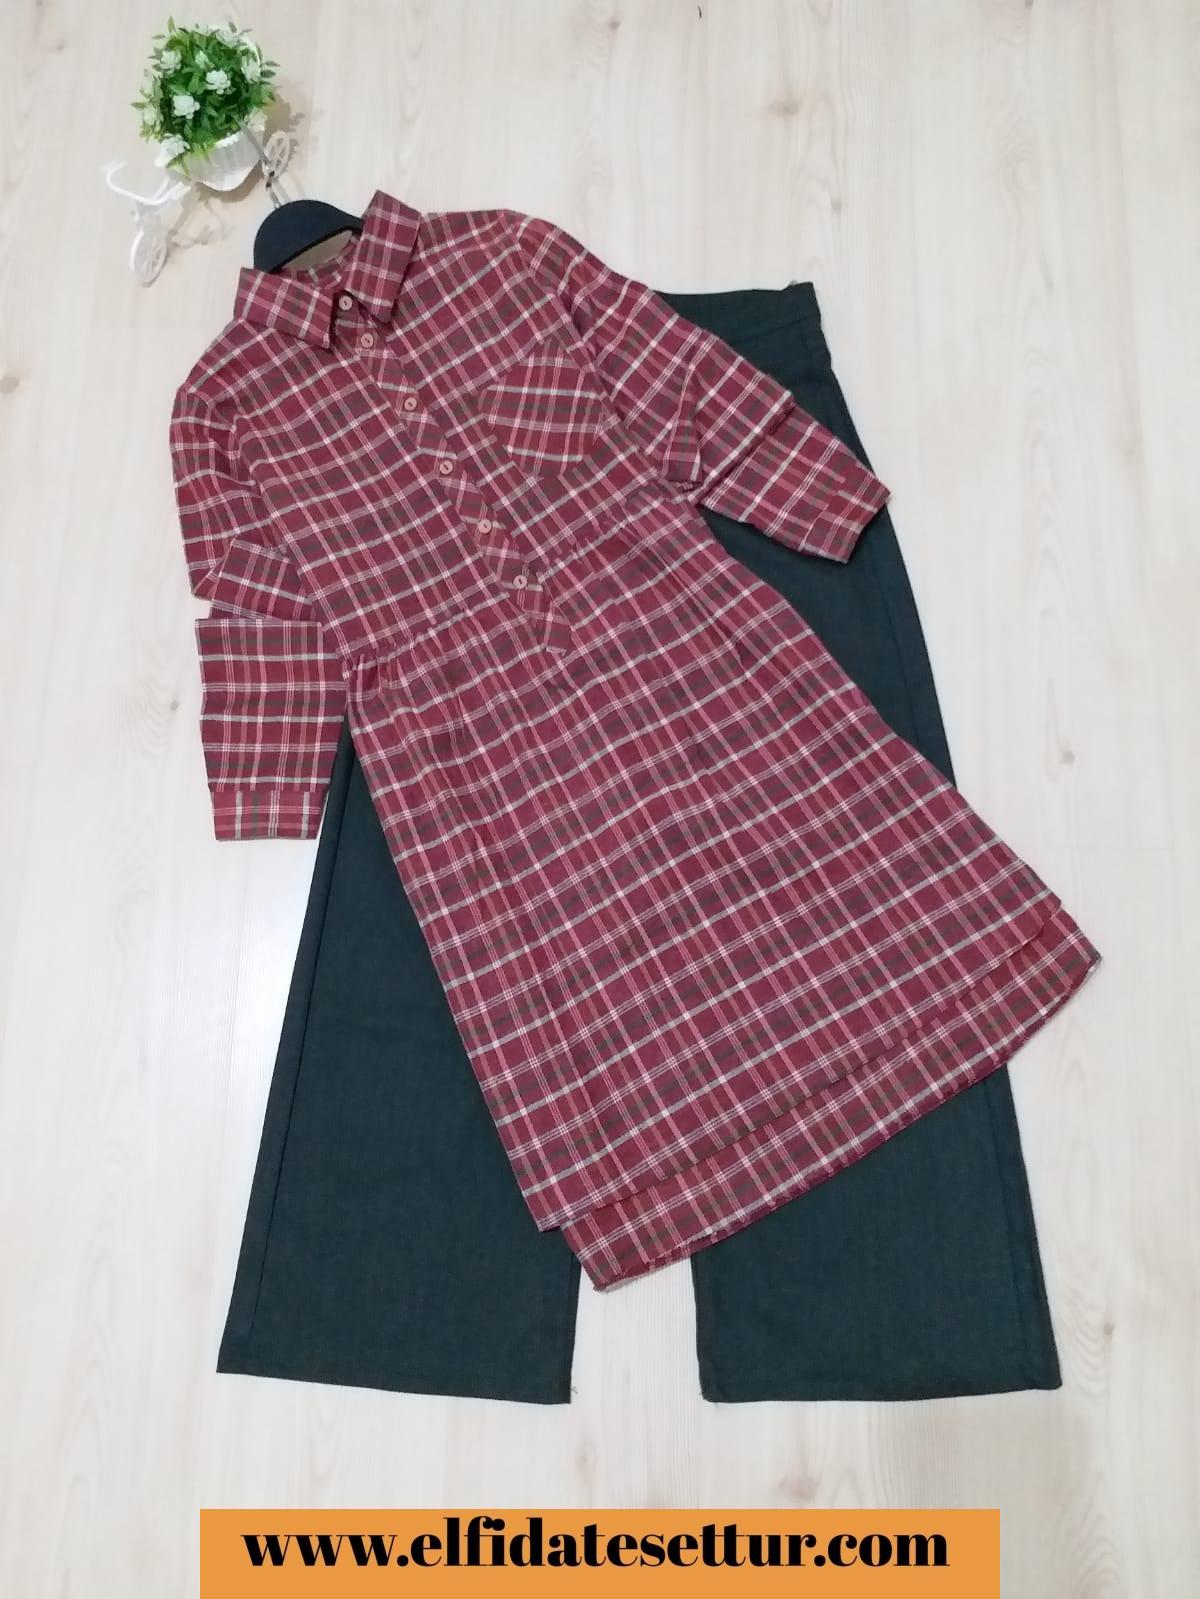 c2943d4e3d22d Ekose tunik koton pantolon kombin - Kadın Giyim tesettür tunik etek kazak  hırka mont Kombin Kapıda Ödeme